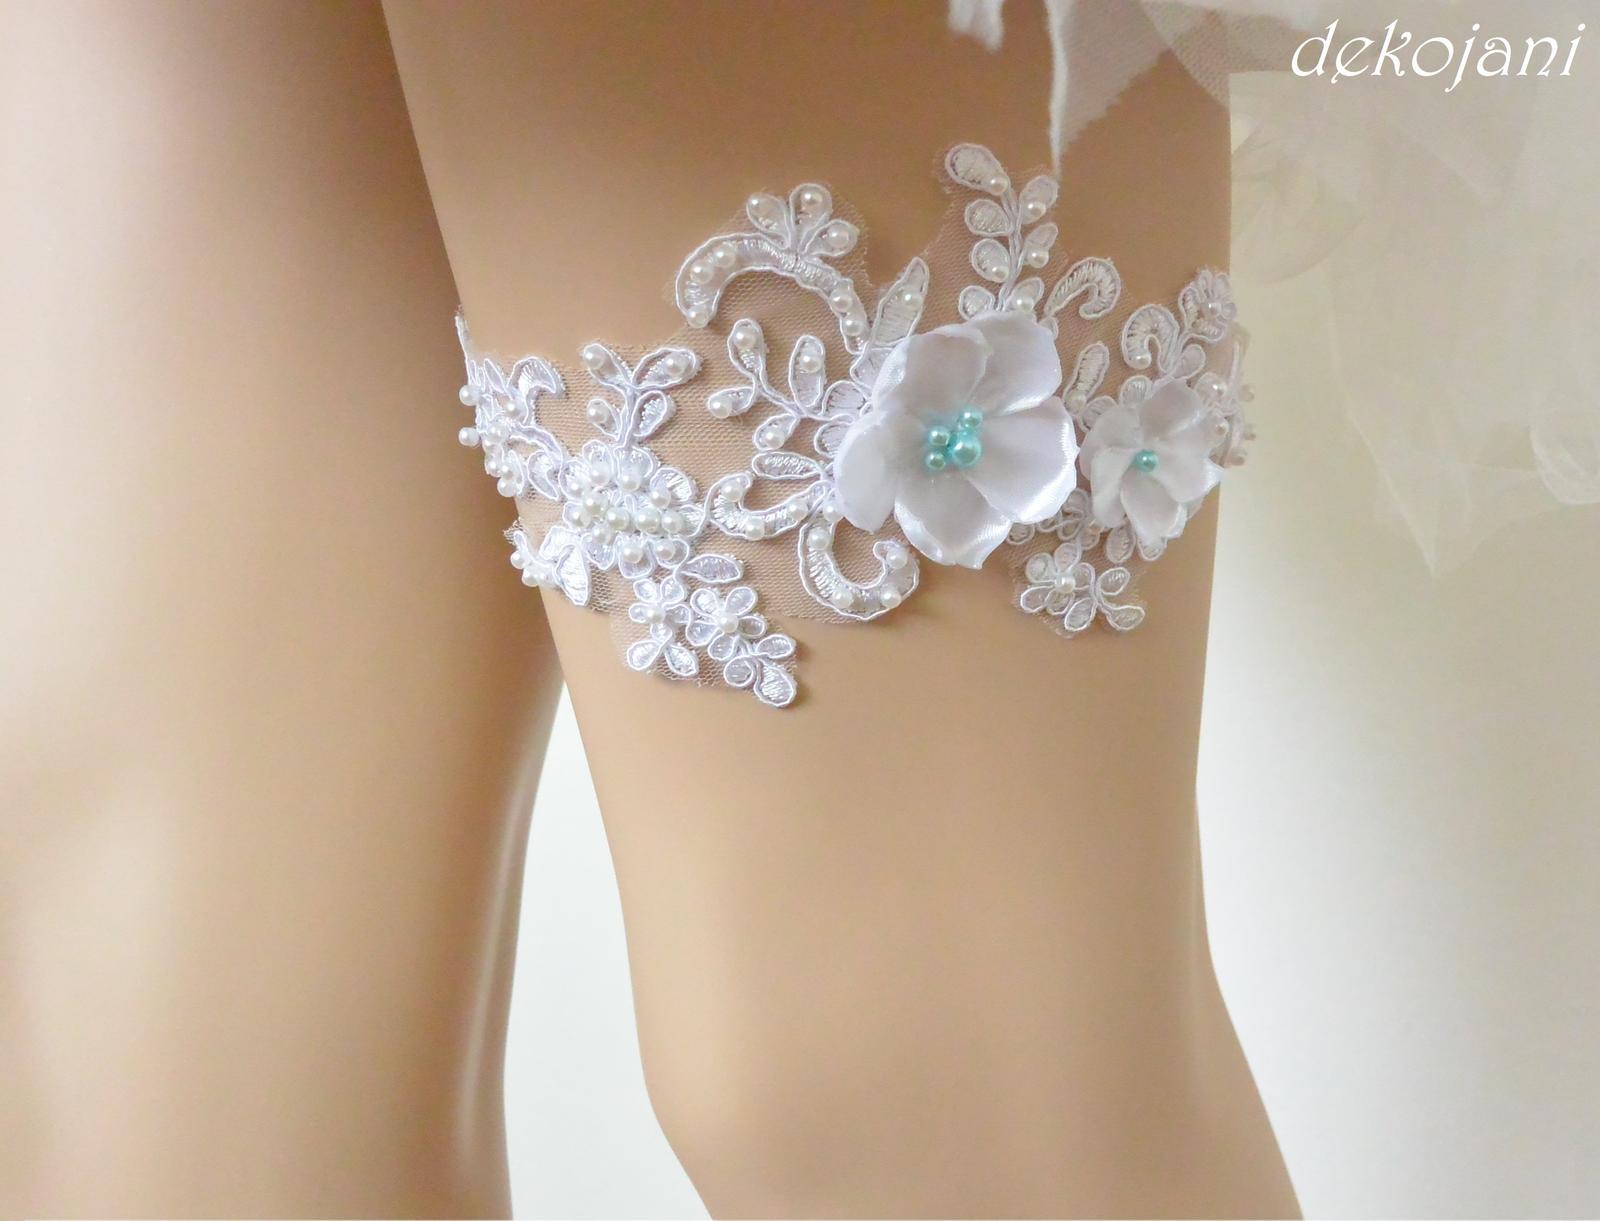 Luxusní svatební doplňky a dekorace. - Obrázek č. 3